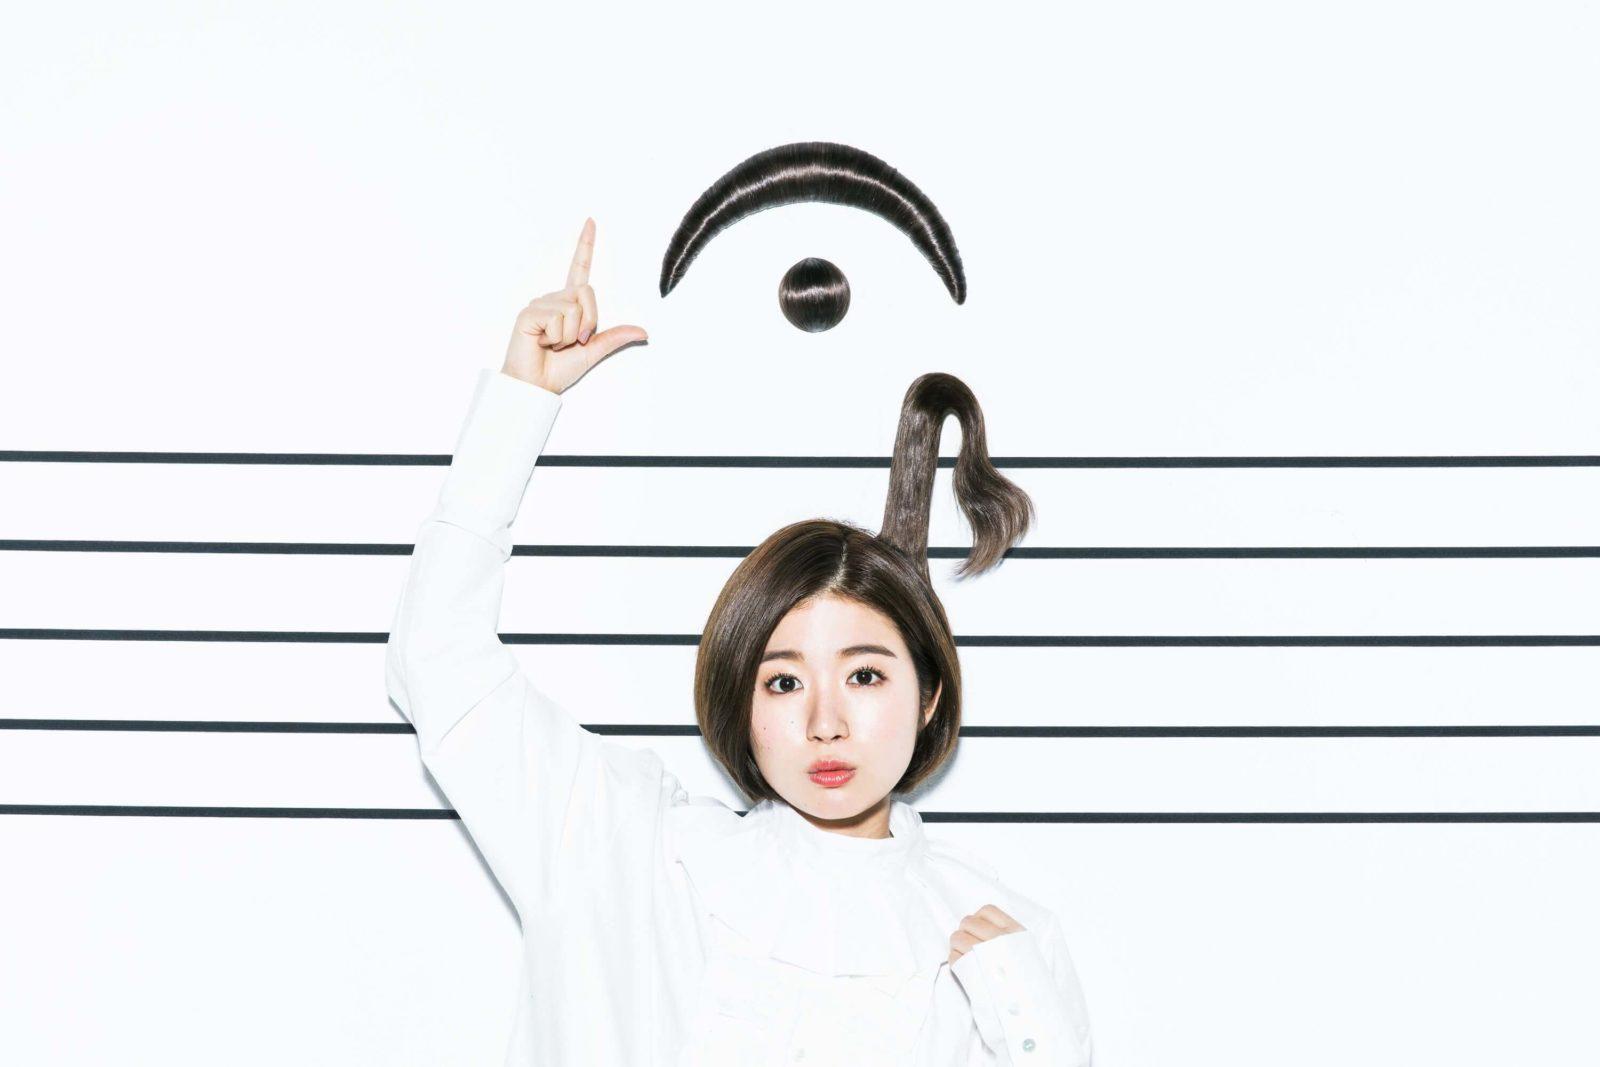 杏沙子、新曲「恋の予防接種」MVとアルバム全曲トレーラー公開サムネイル画像